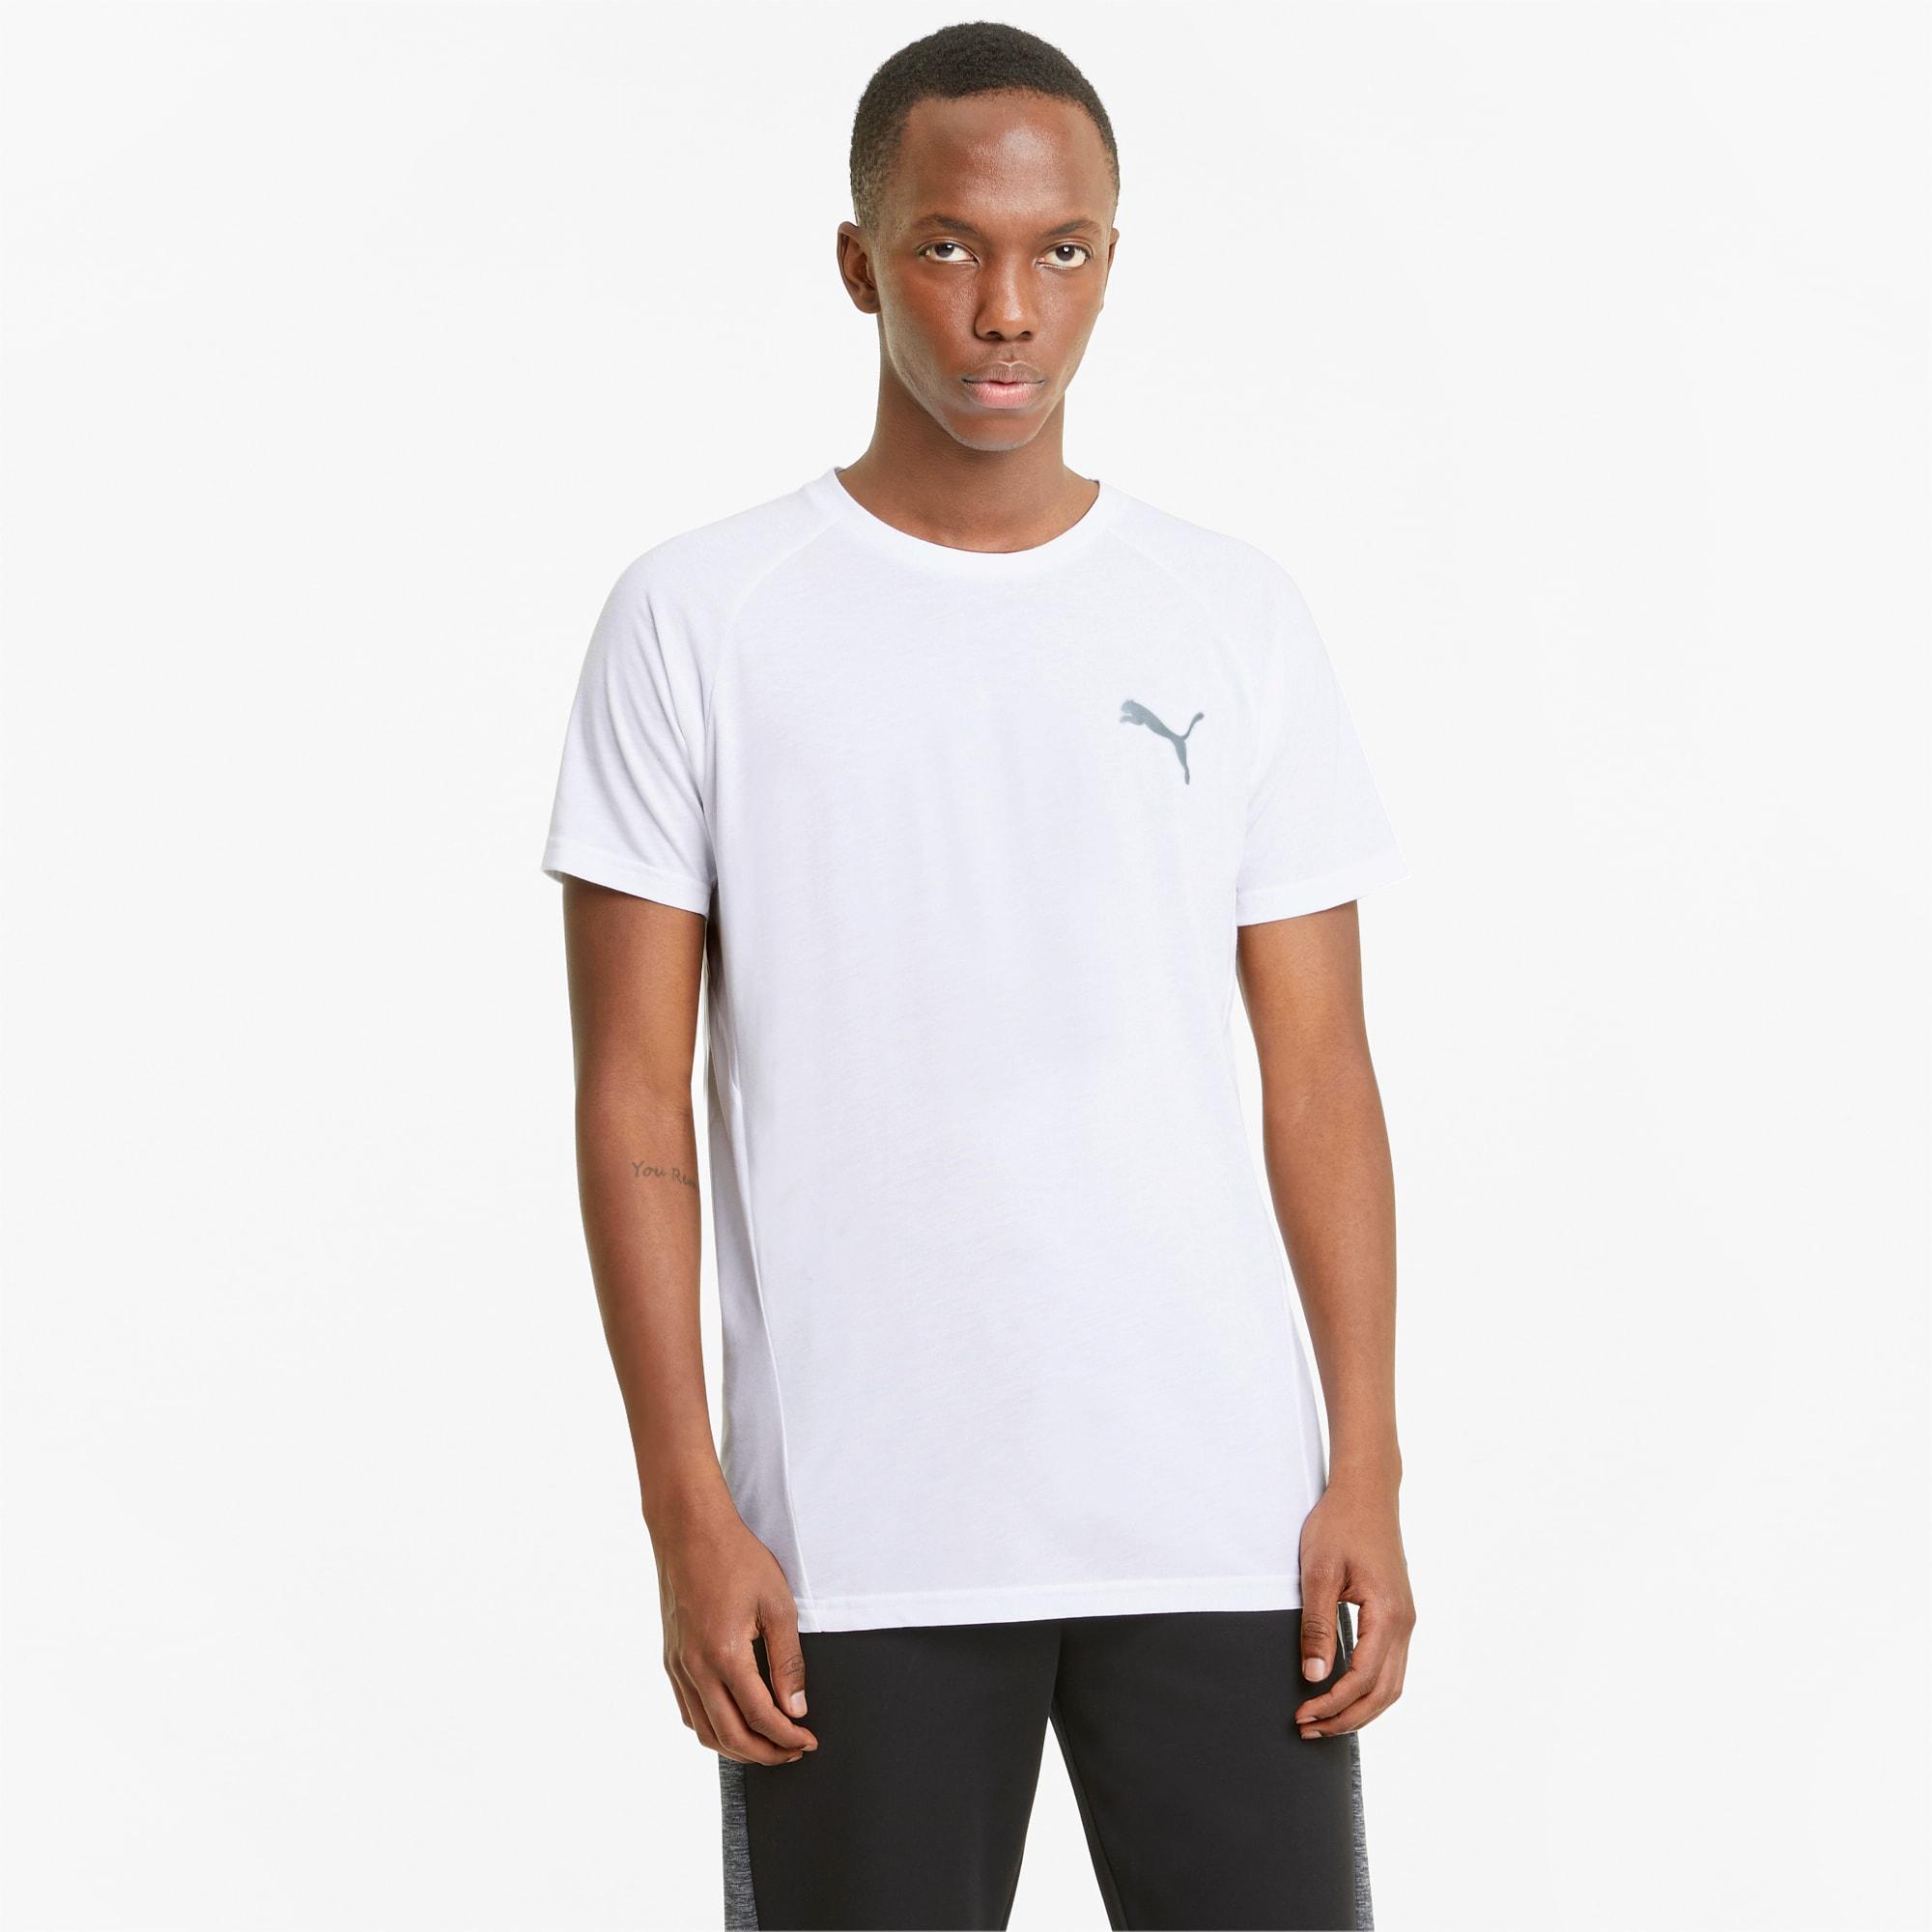 Evostripe T-shirt heren, Wit, Maat 3XL   PUMA